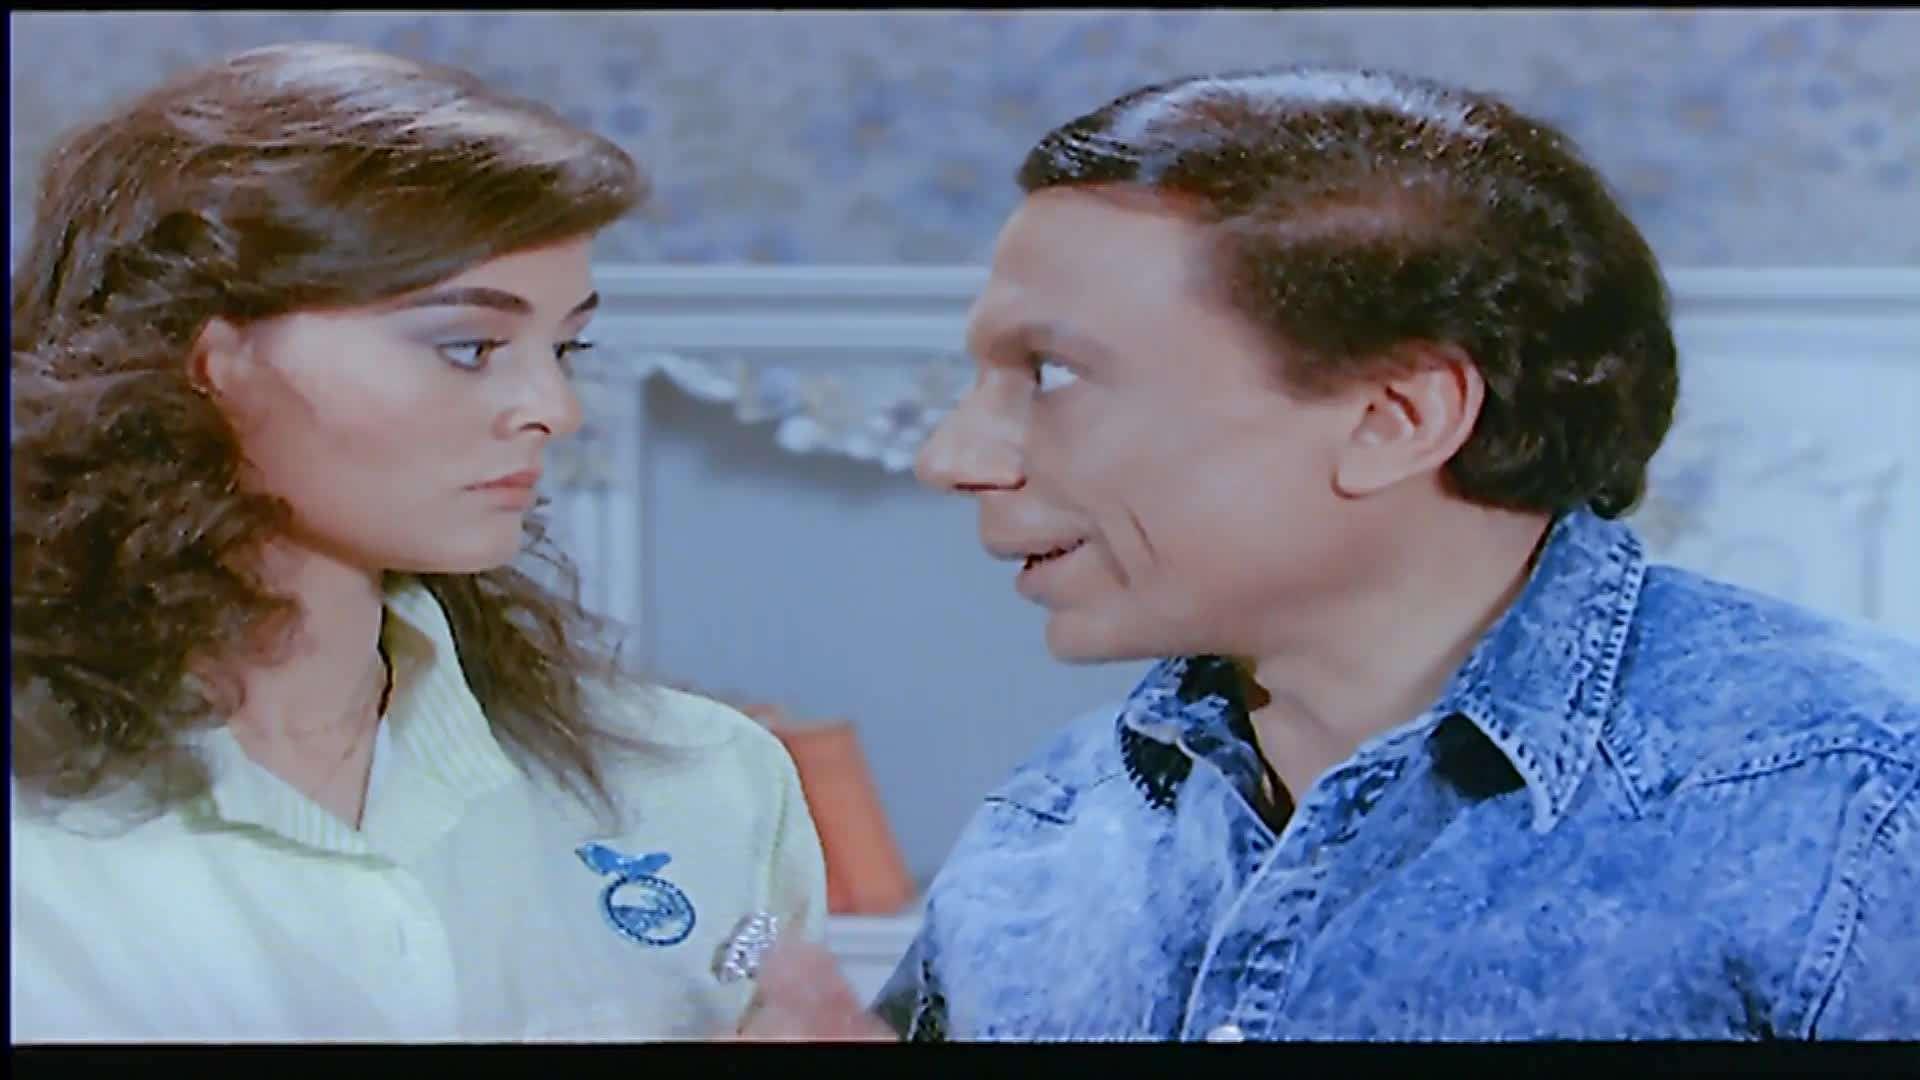 [فيلم][تورنت][تحميل][حنفي الأبهة][1990][1080p][Web-DL] 5 arabp2p.com